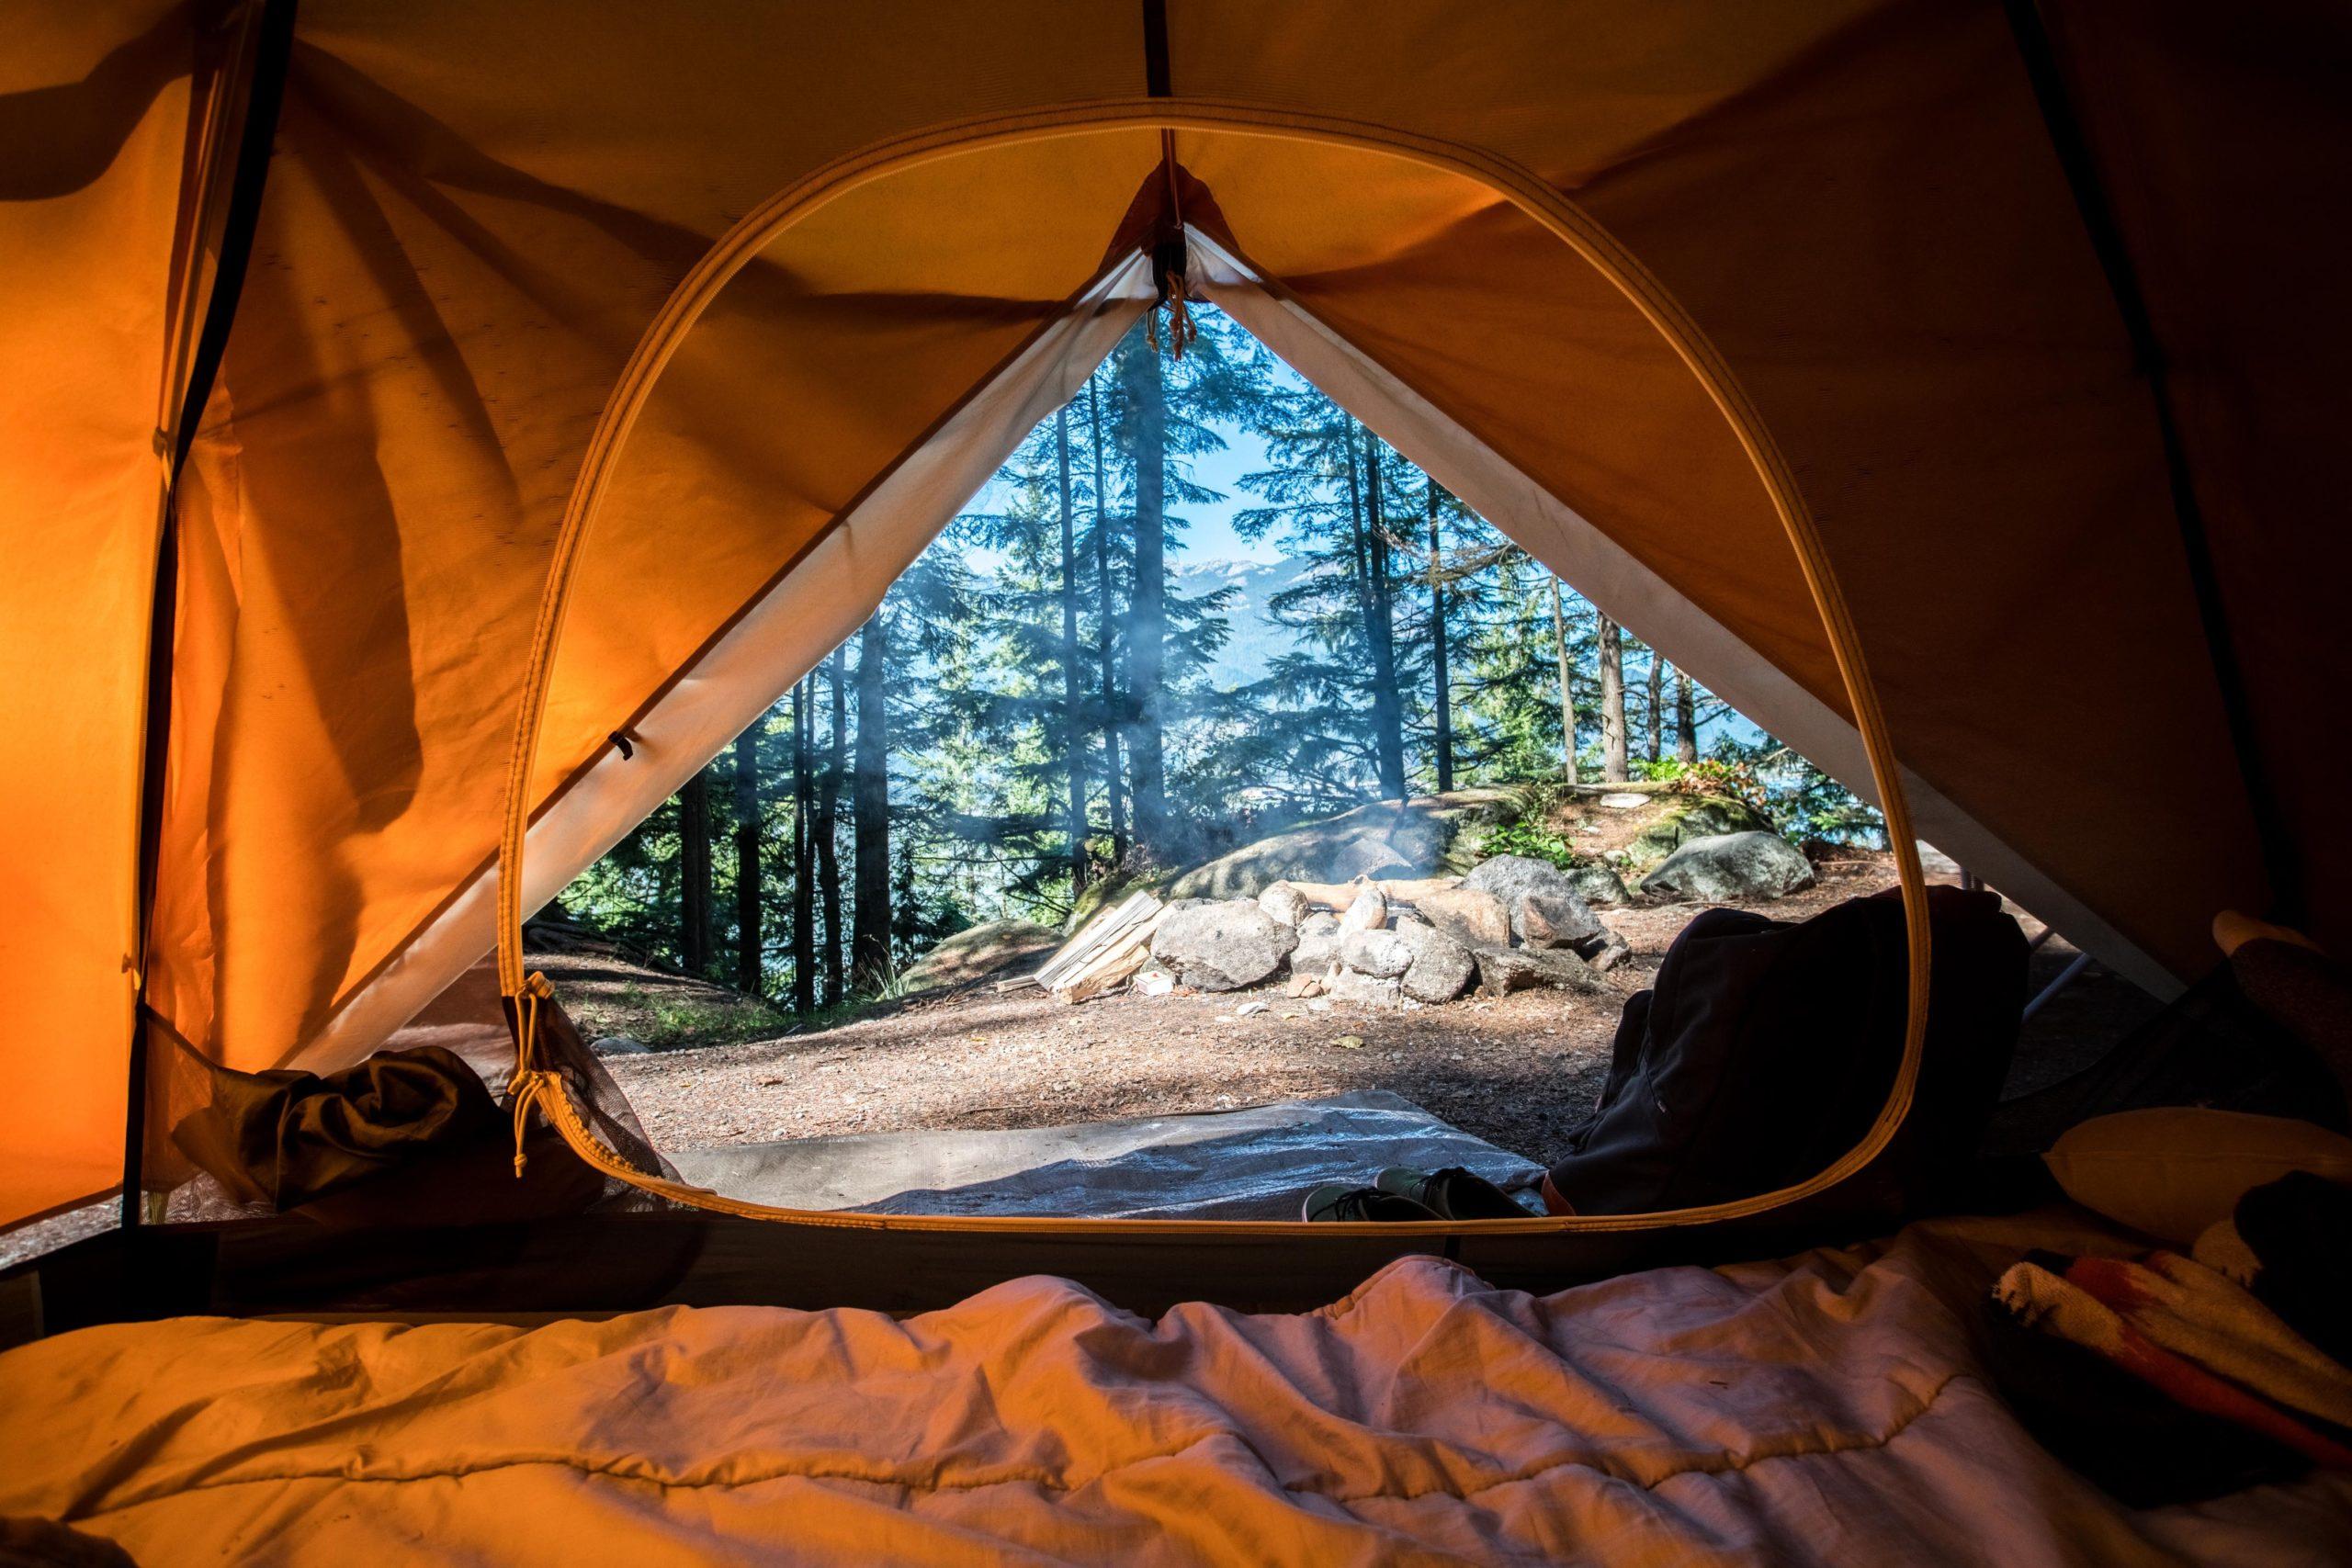 Abbildung zeigt Zelt mit Hüttenschlafsack aus Baumwolle beim Backpacking